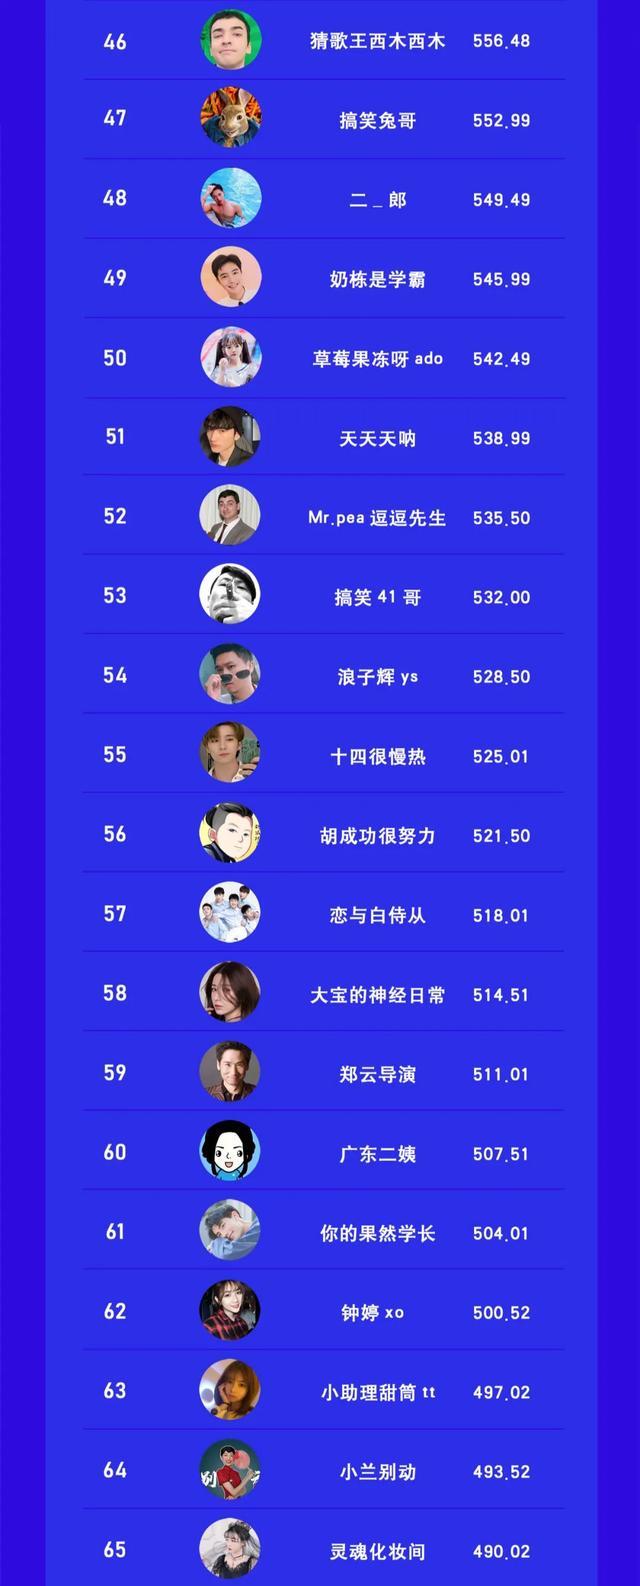 视频号搞笑类博主TOP100 站长论坛 第4张